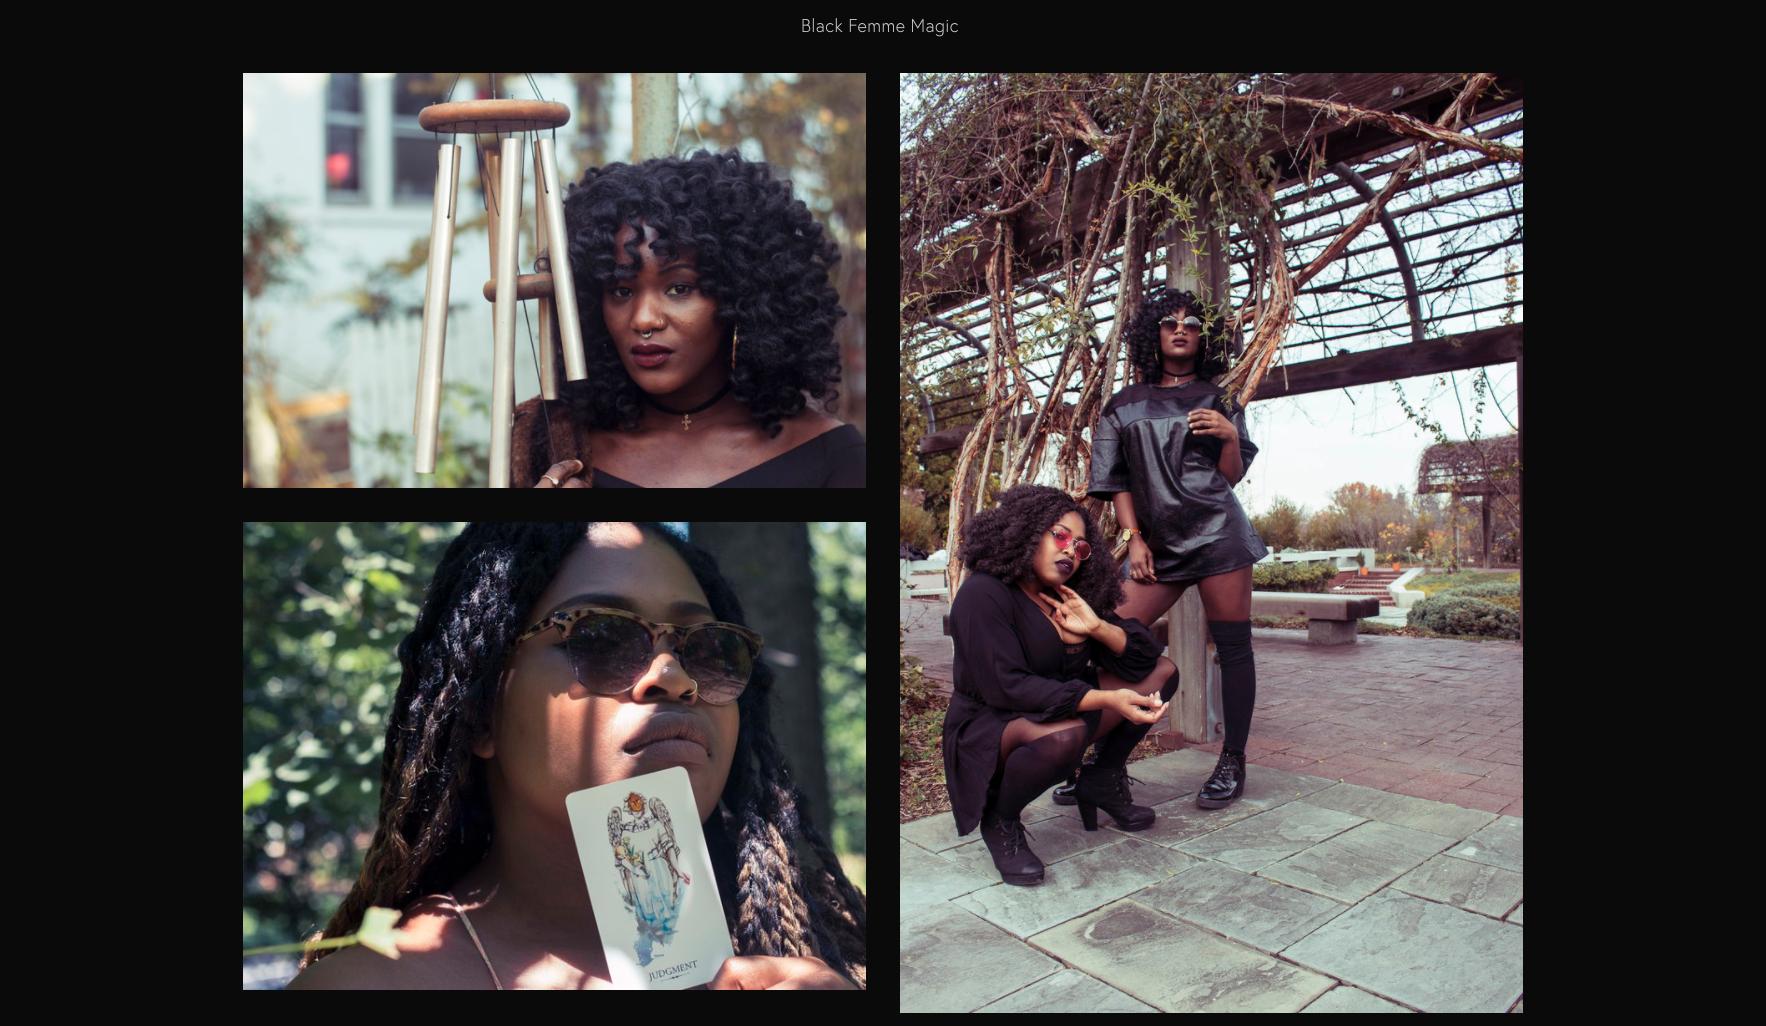 Black Femme Magic